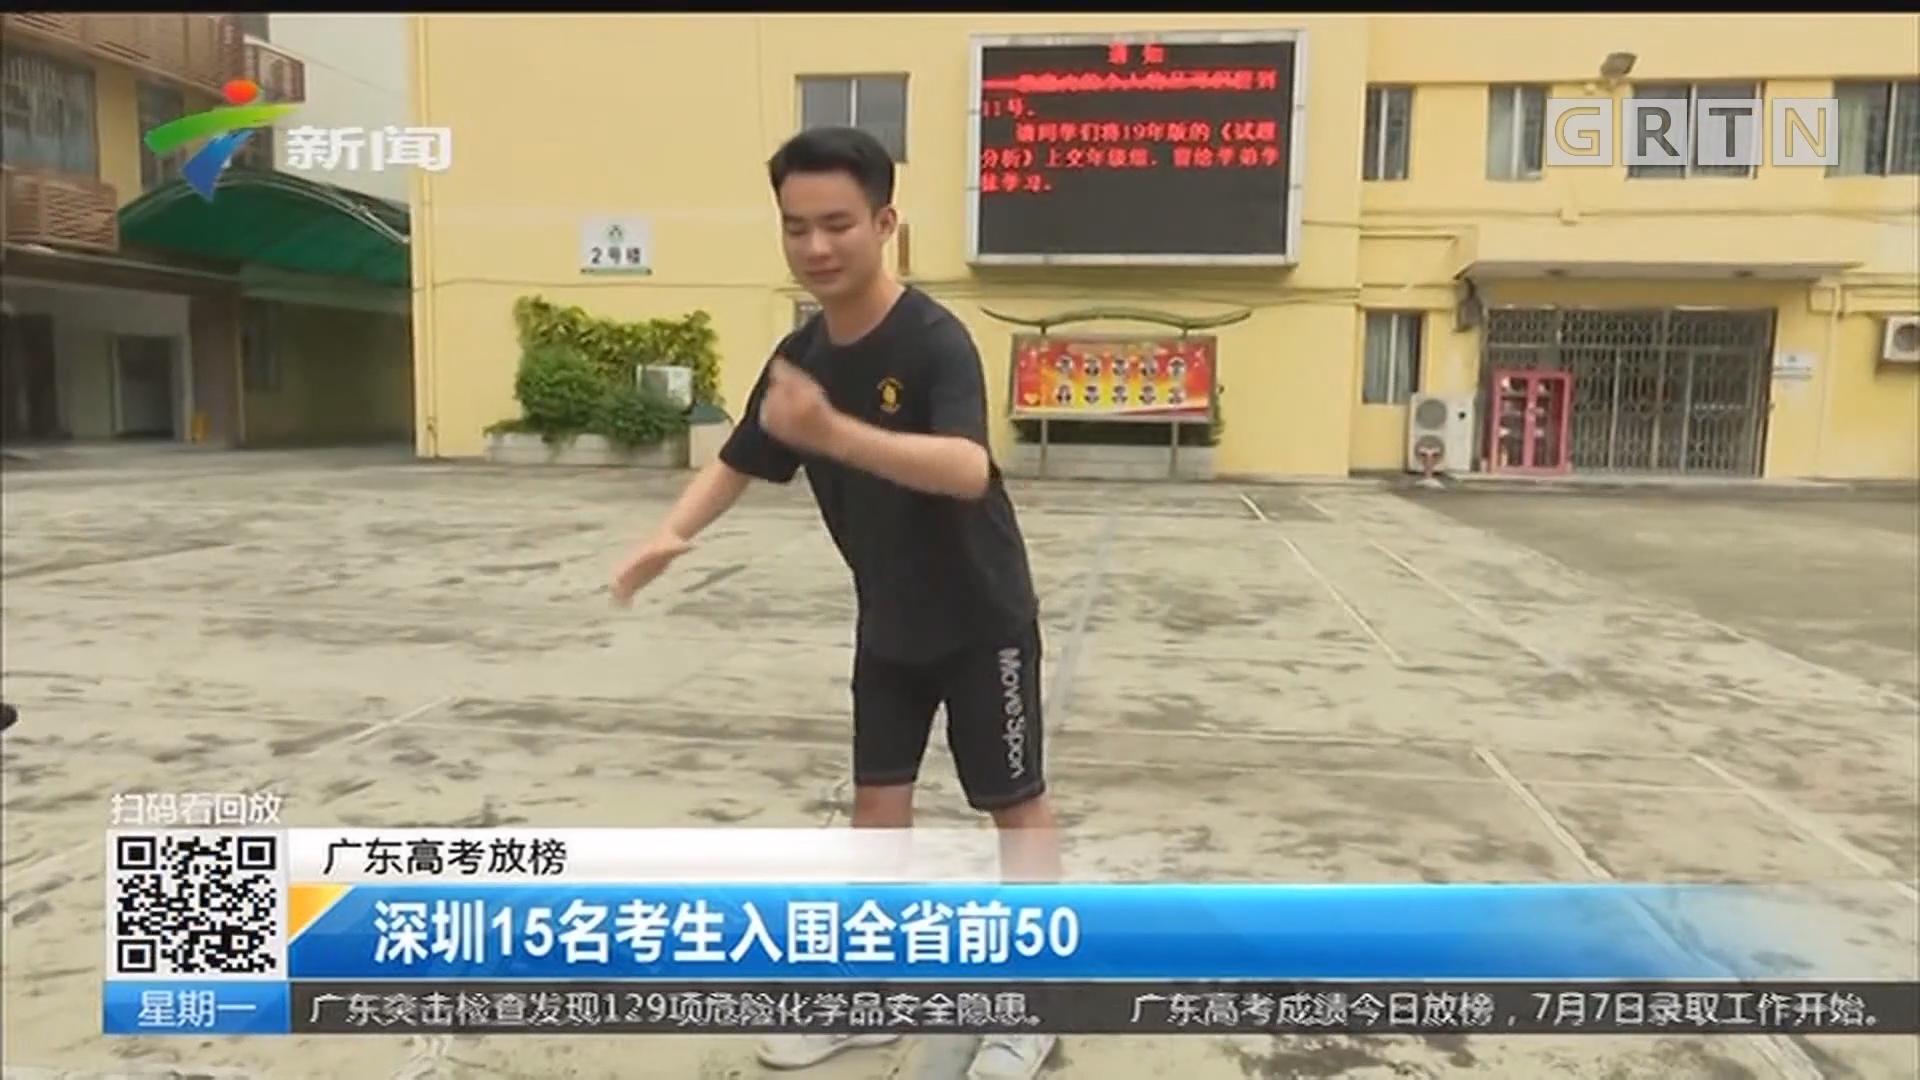 广东高考放榜:深圳15名考生入围全省前50